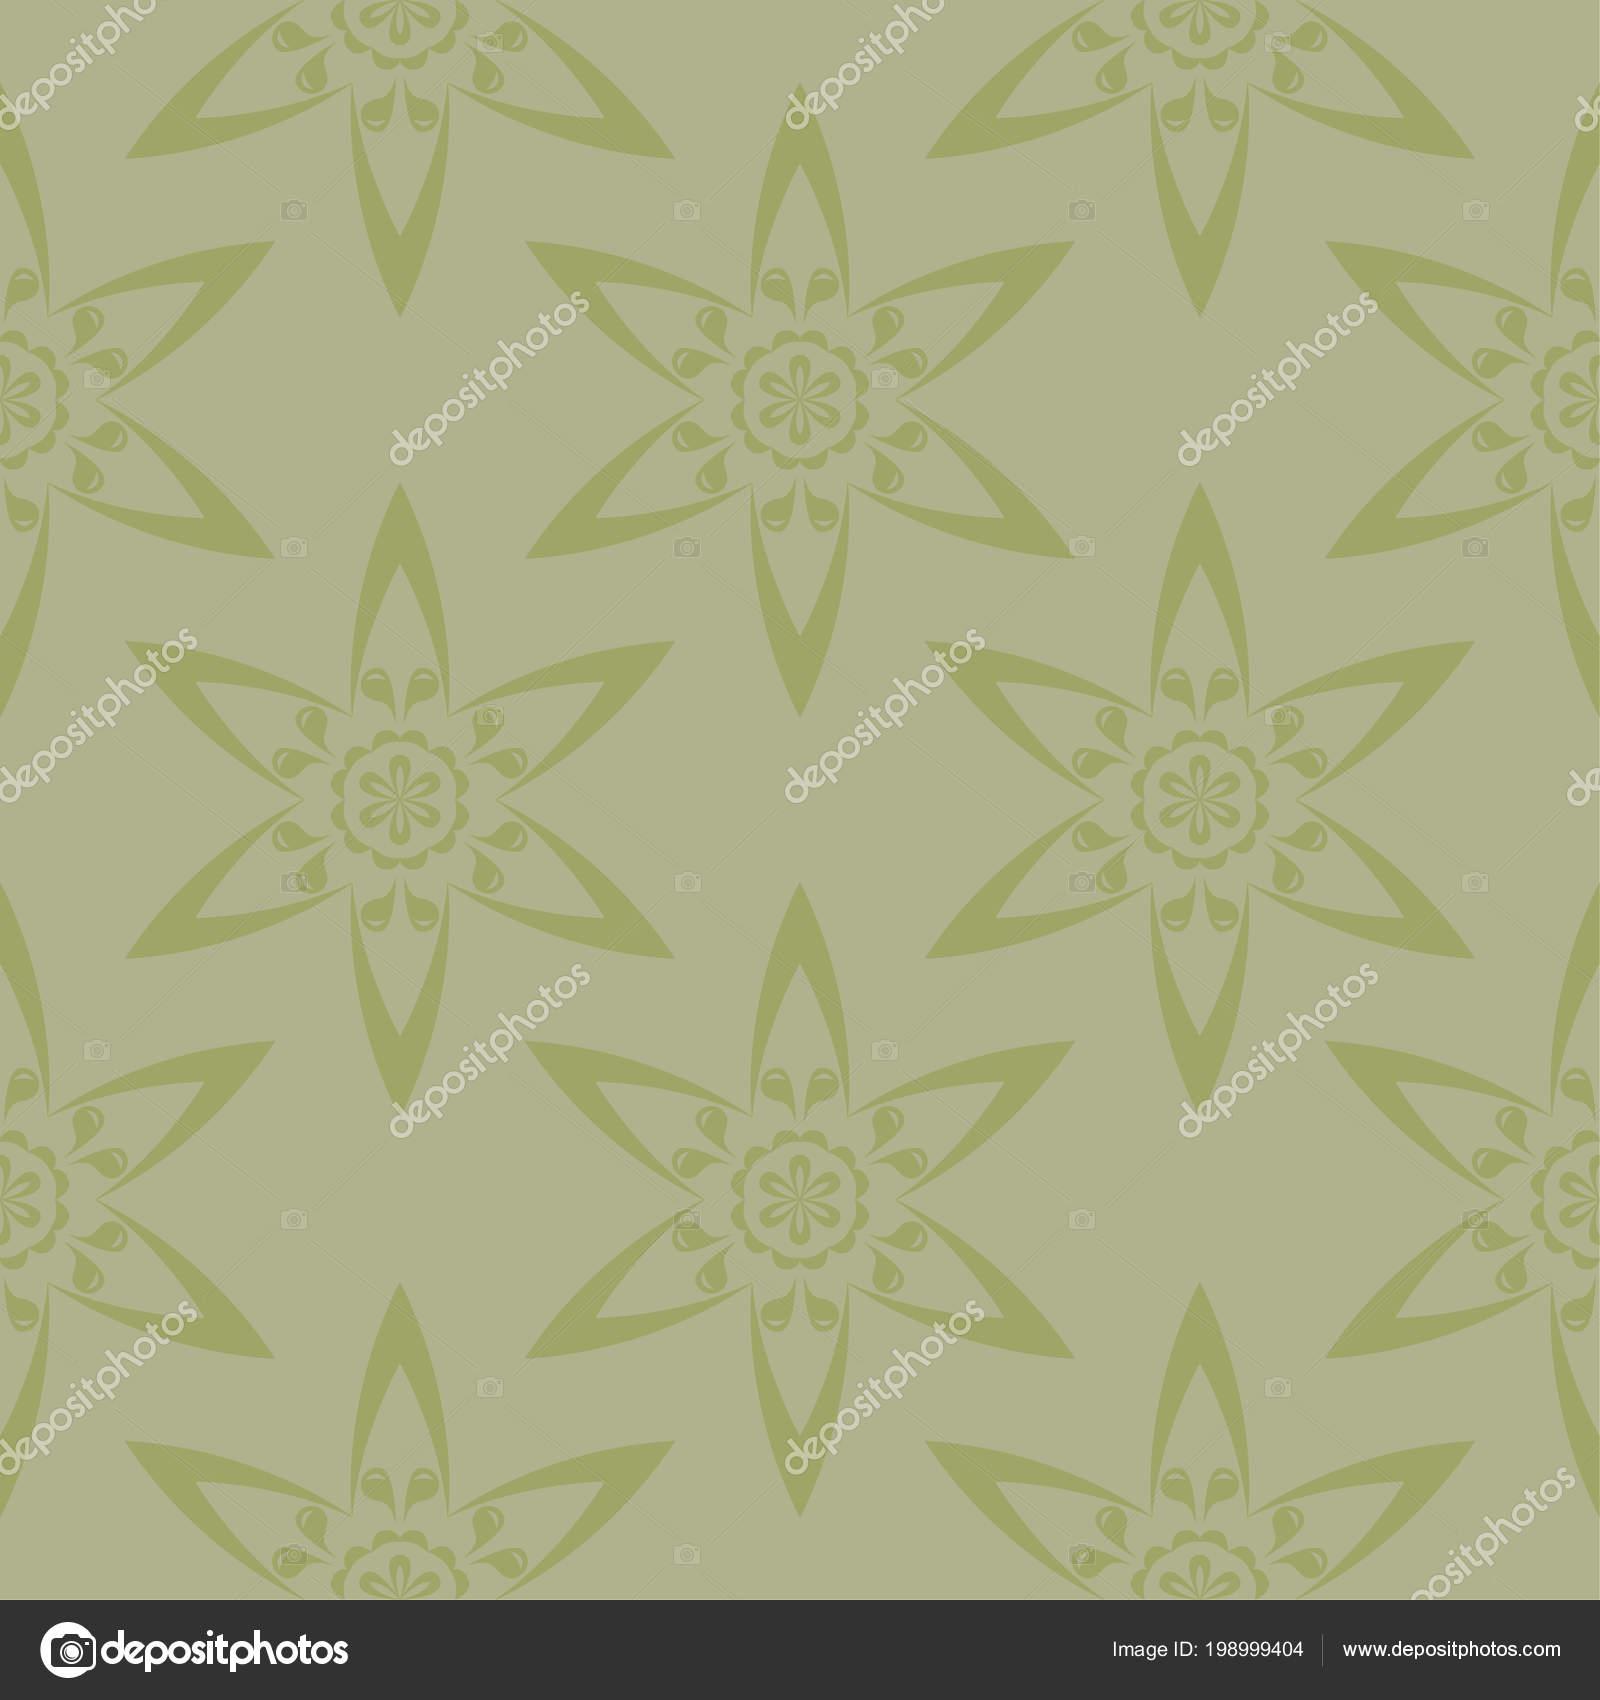 Oliv Grun Floral Ornament Nahtlose Muster Fur Textilien Und Tapeten